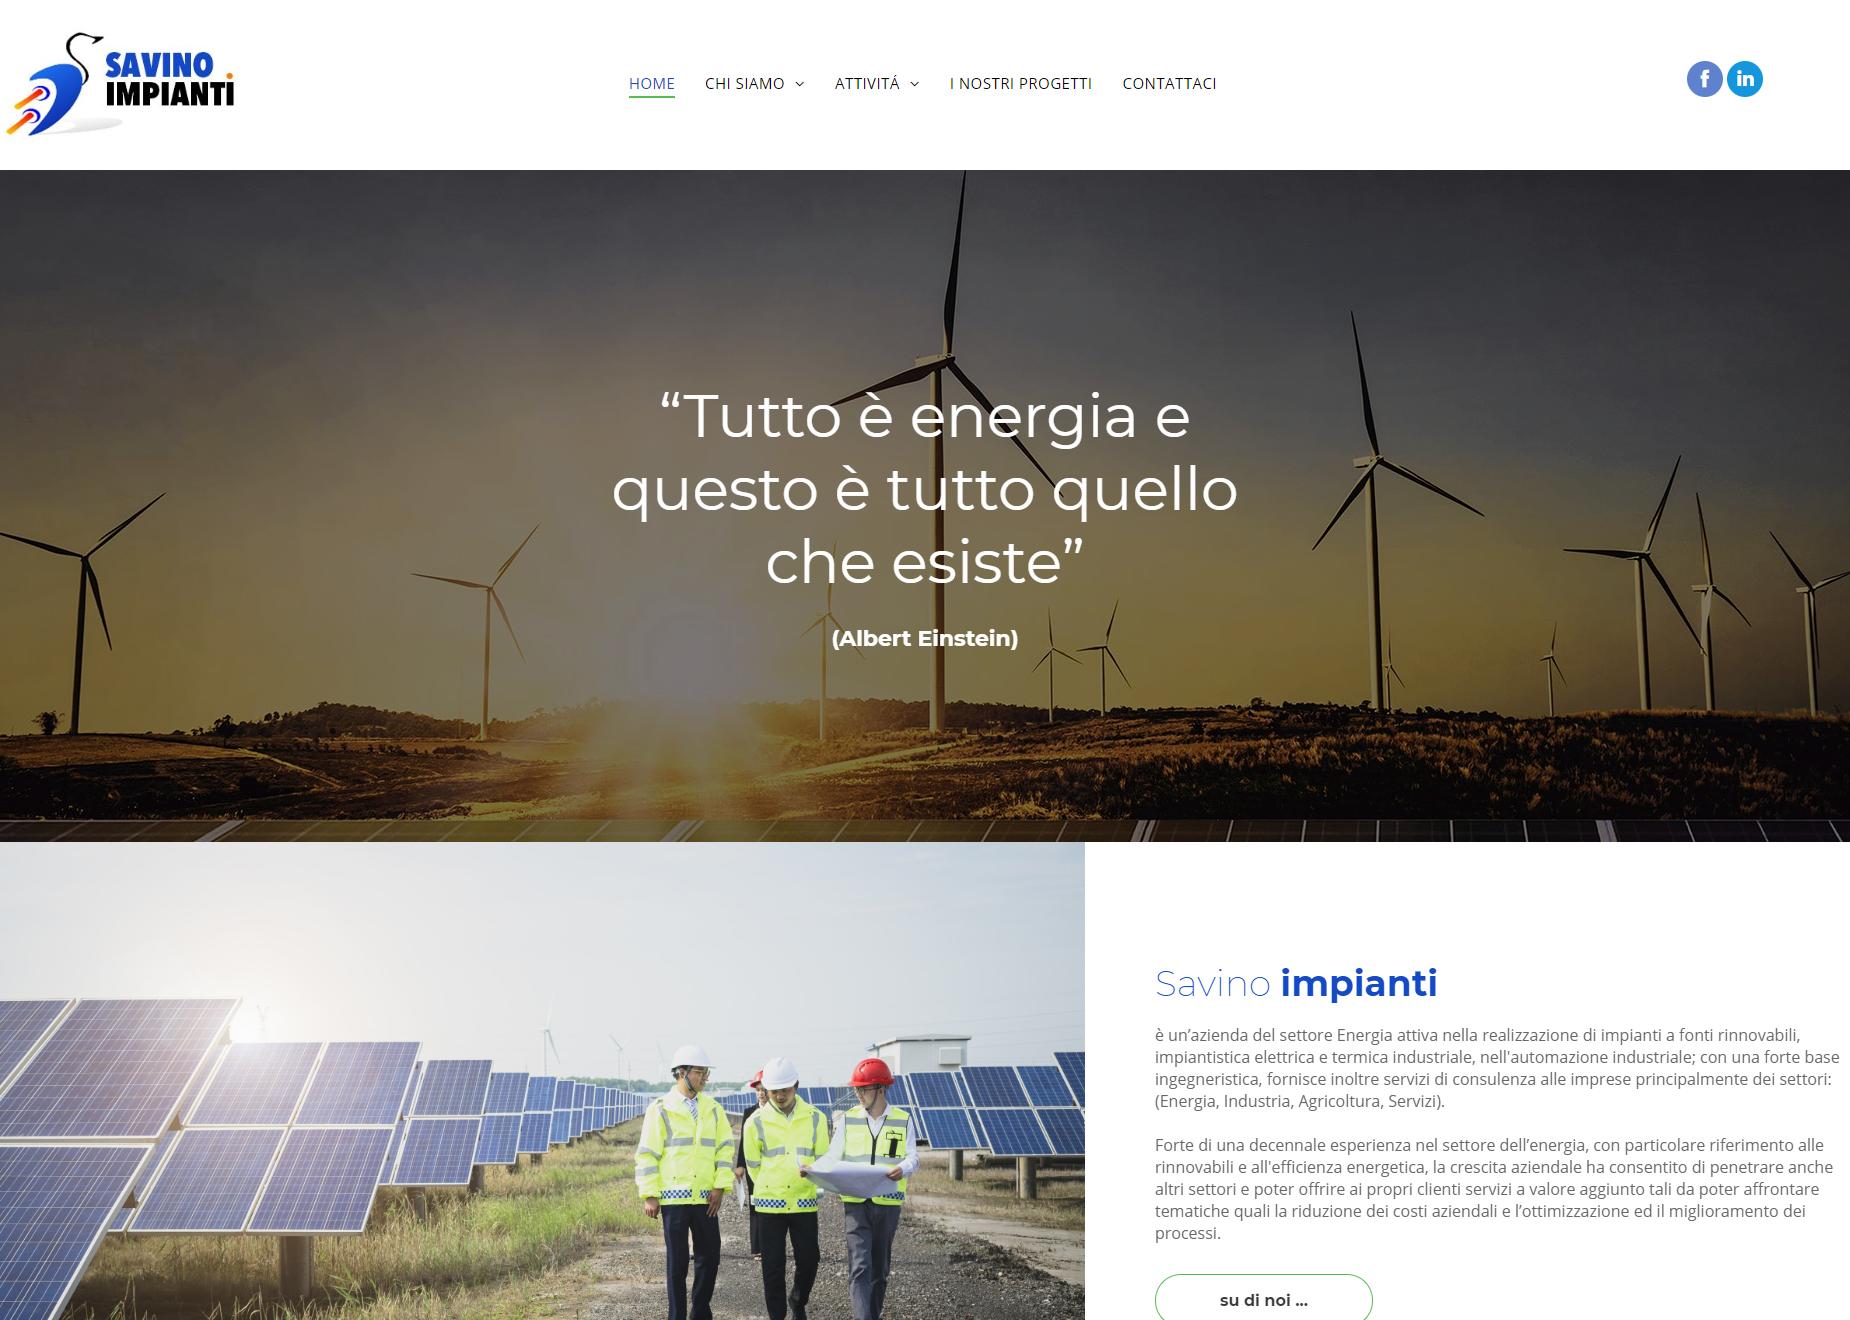 screencapture-savinoimpianti-2019-03-11-14_46_03 (1)